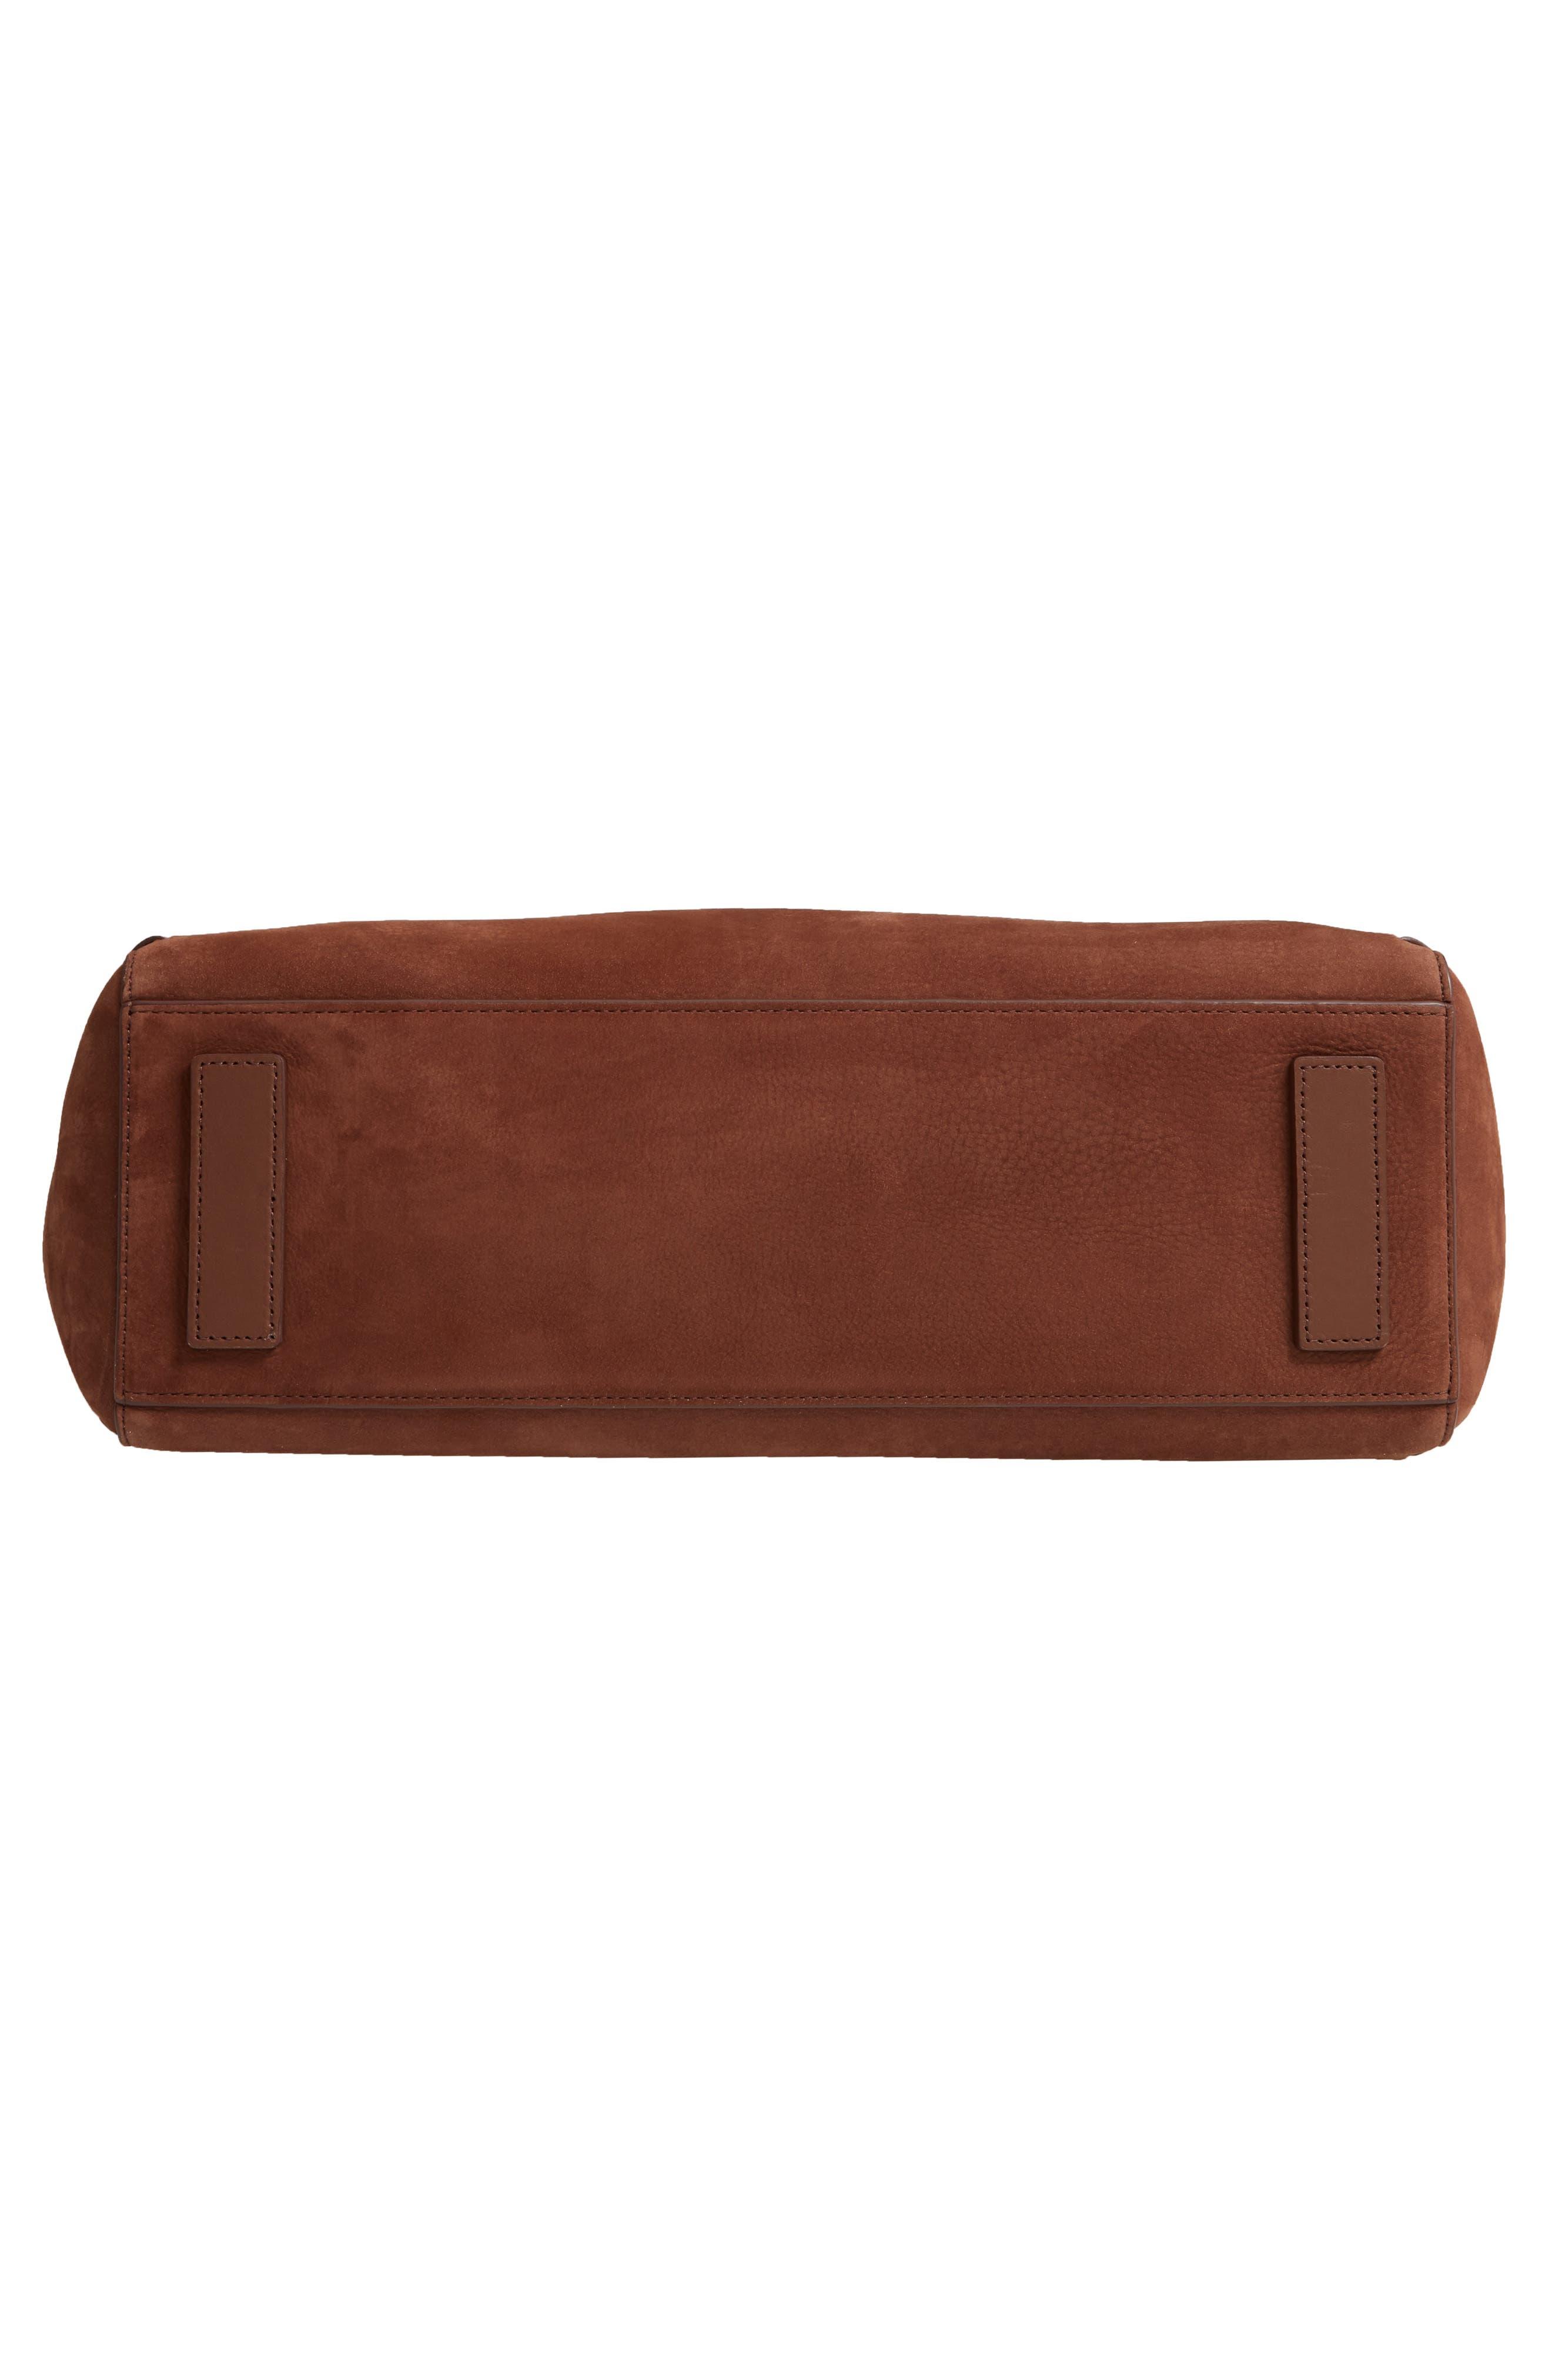 Kepi East/West Leather Shoulder Bag,                             Alternate thumbnail 6, color,                             210